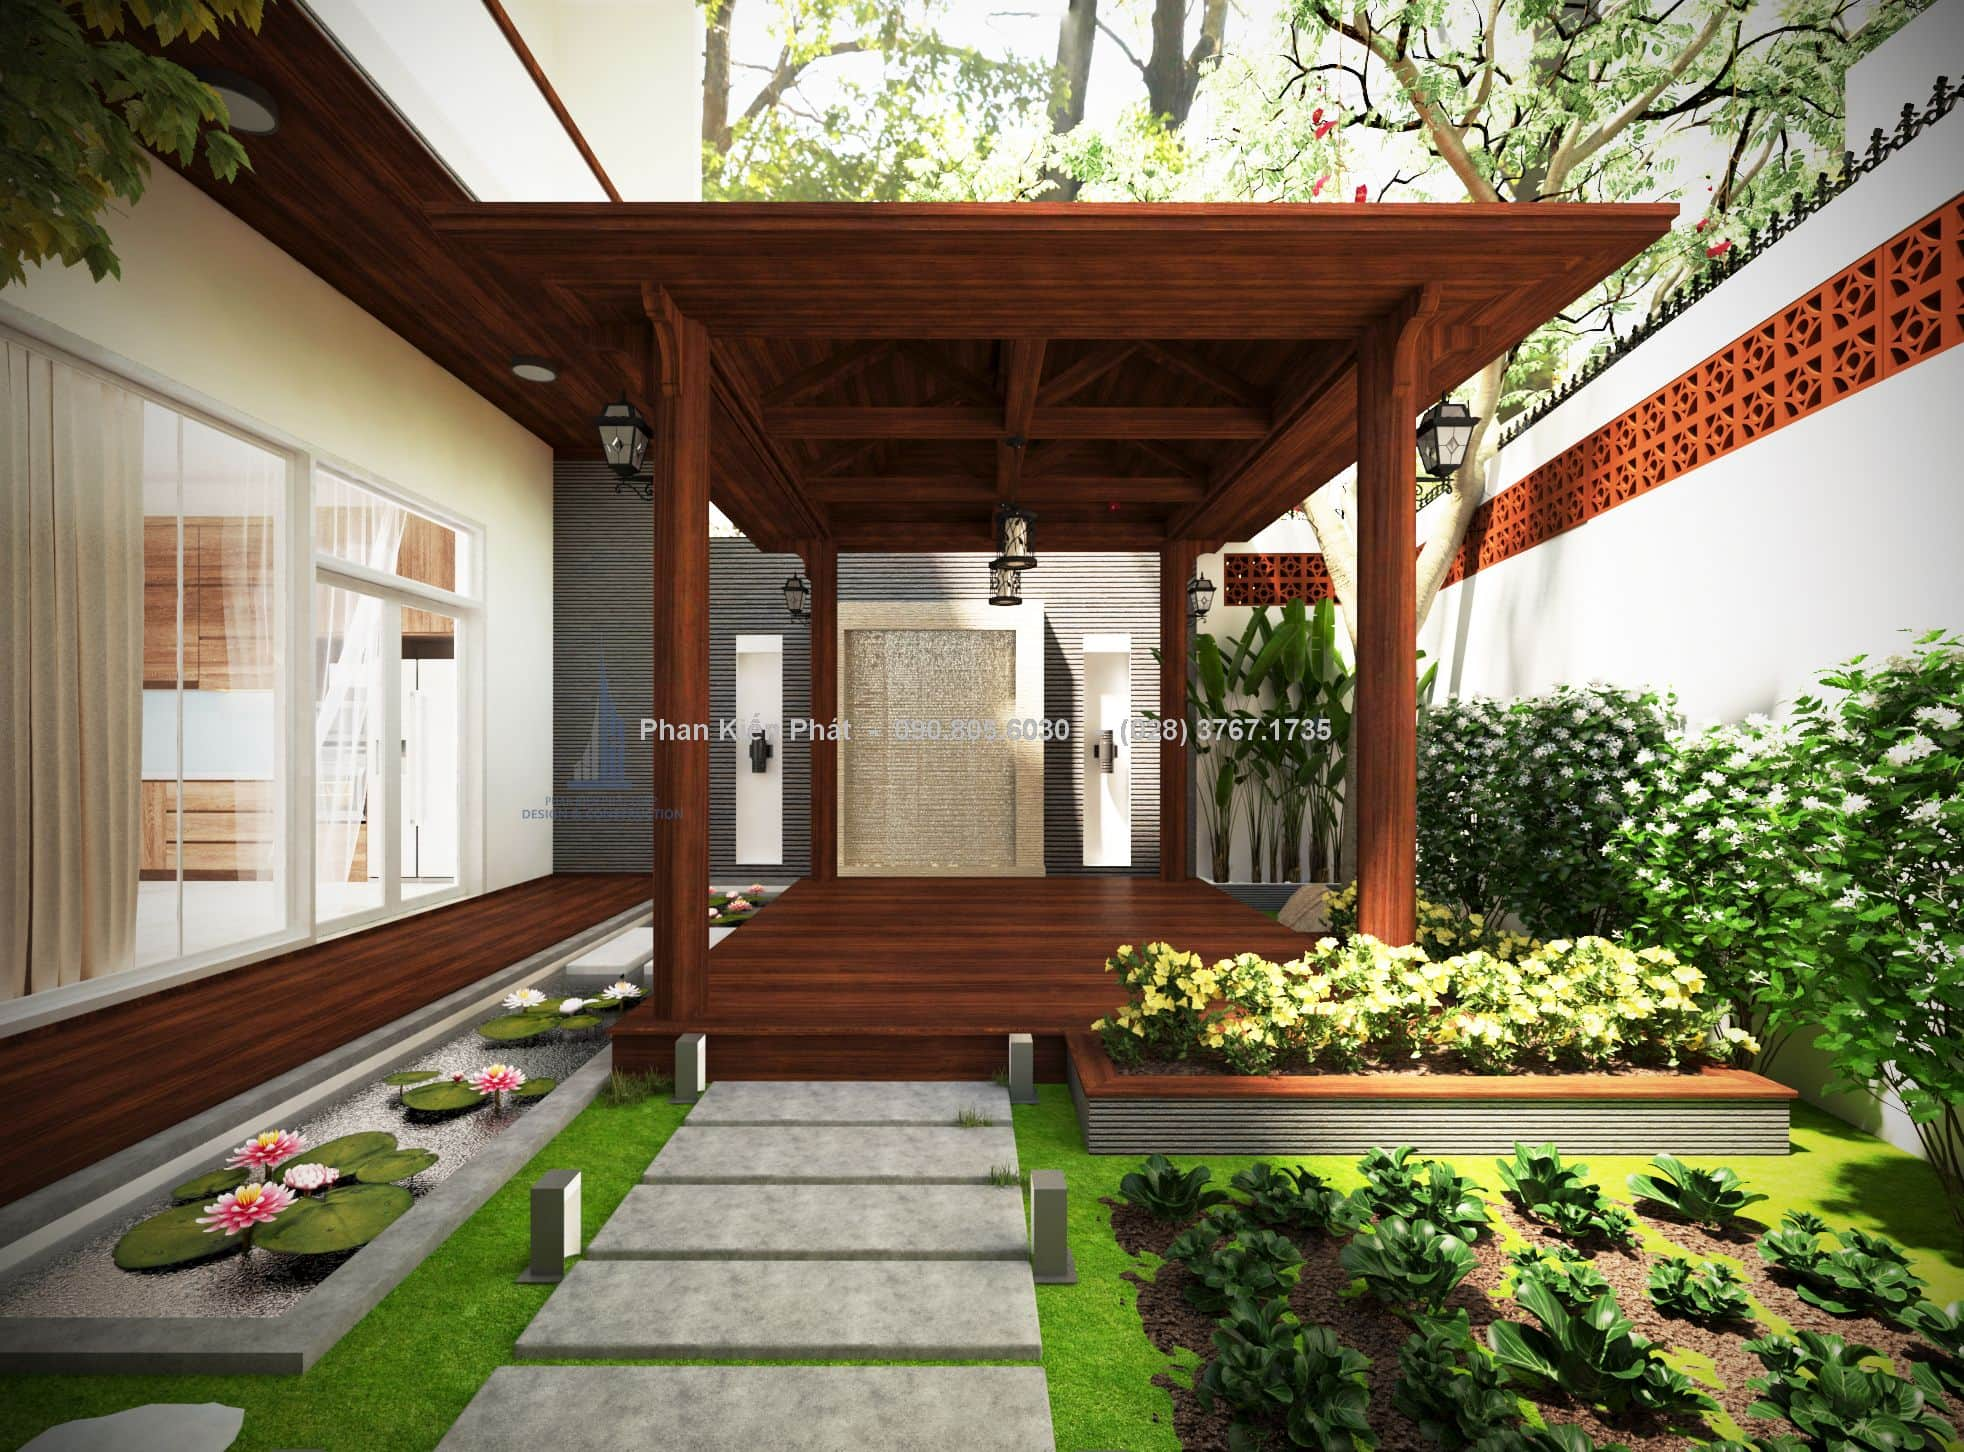 Tiểu cảnh sân vườn nhỏ được phối hợp hài hòa giữa cây cỏ và chất liệu gạch